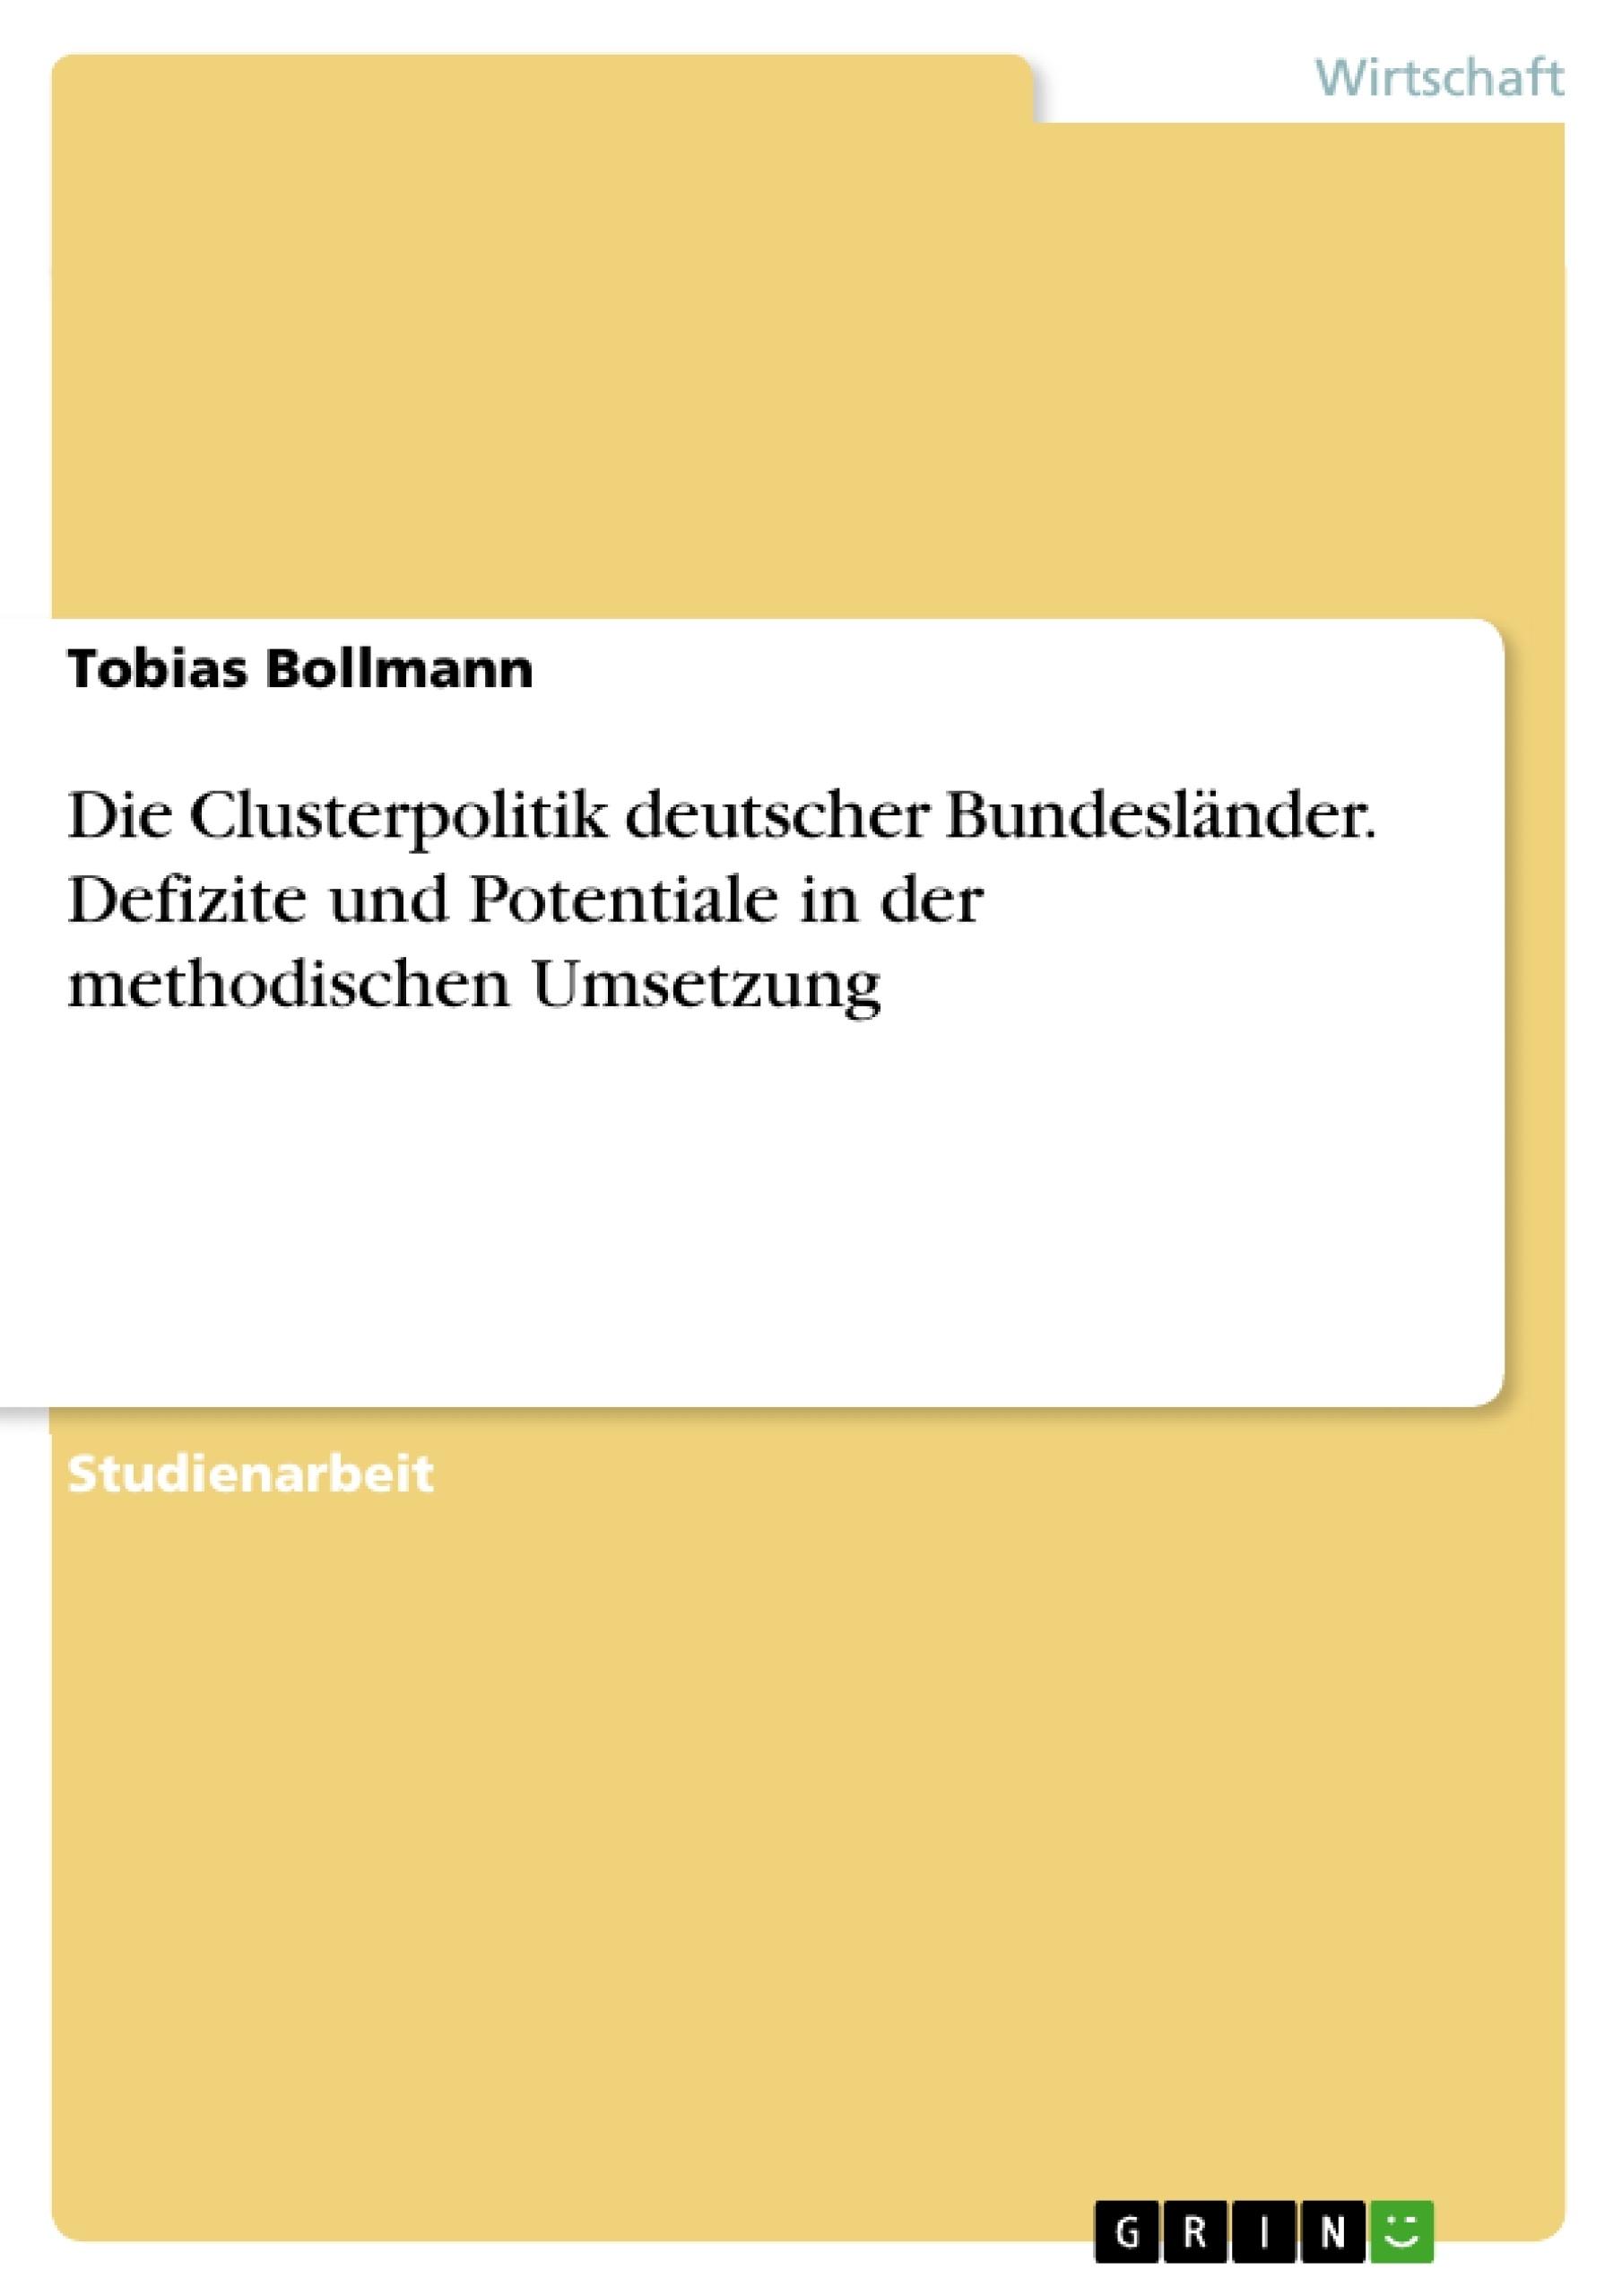 Titel: Die Clusterpolitik deutscher Bundesländer. Defizite und Potentiale in der methodischen Umsetzung